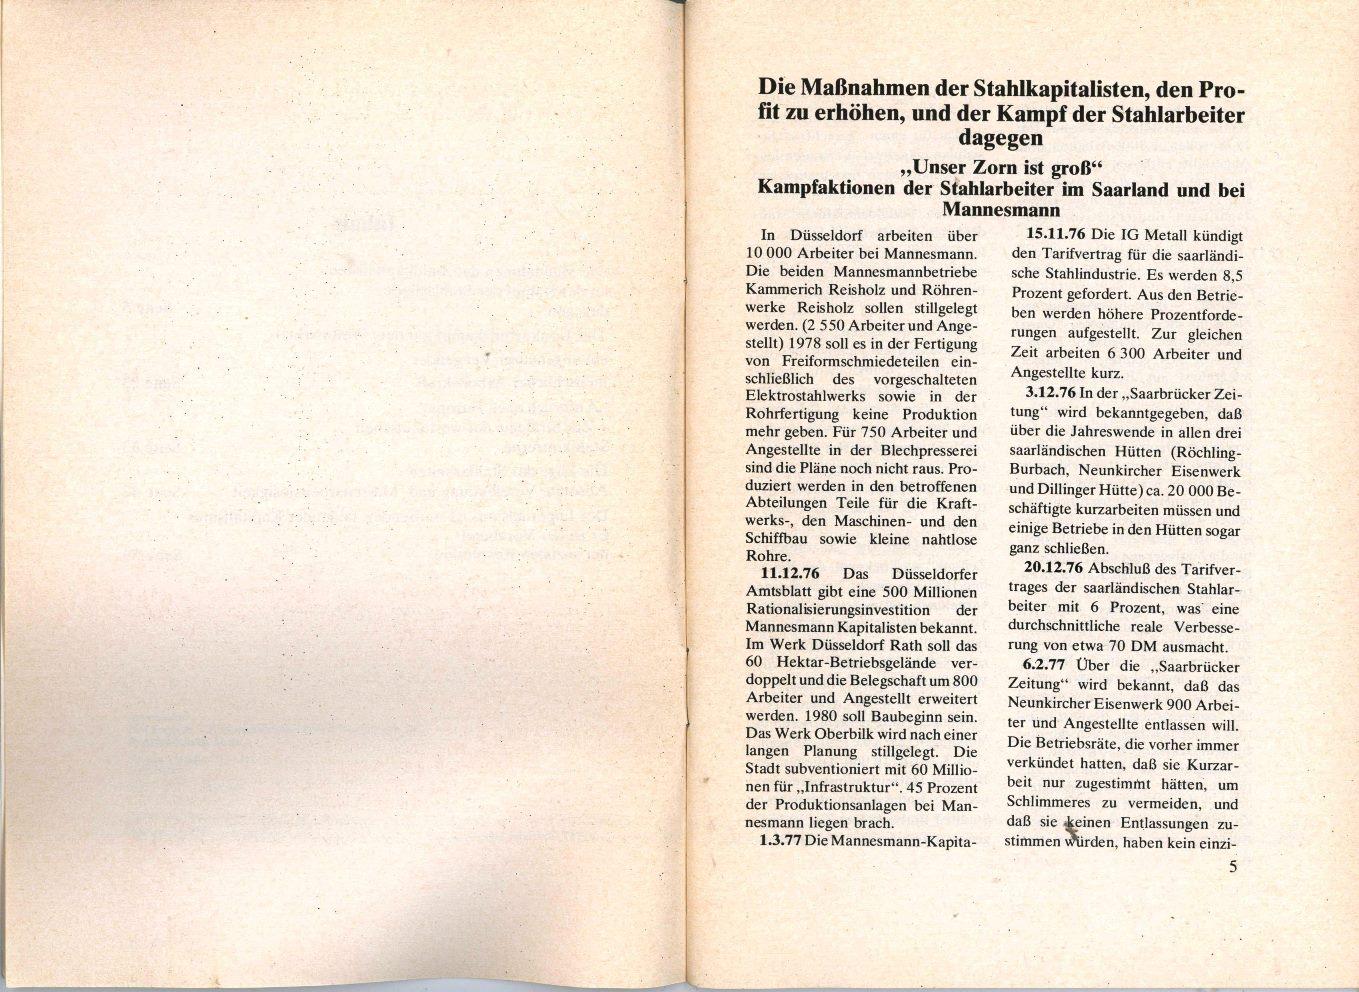 IGM_KBW_Krise_in_der_Stahlindustrie_1977_04